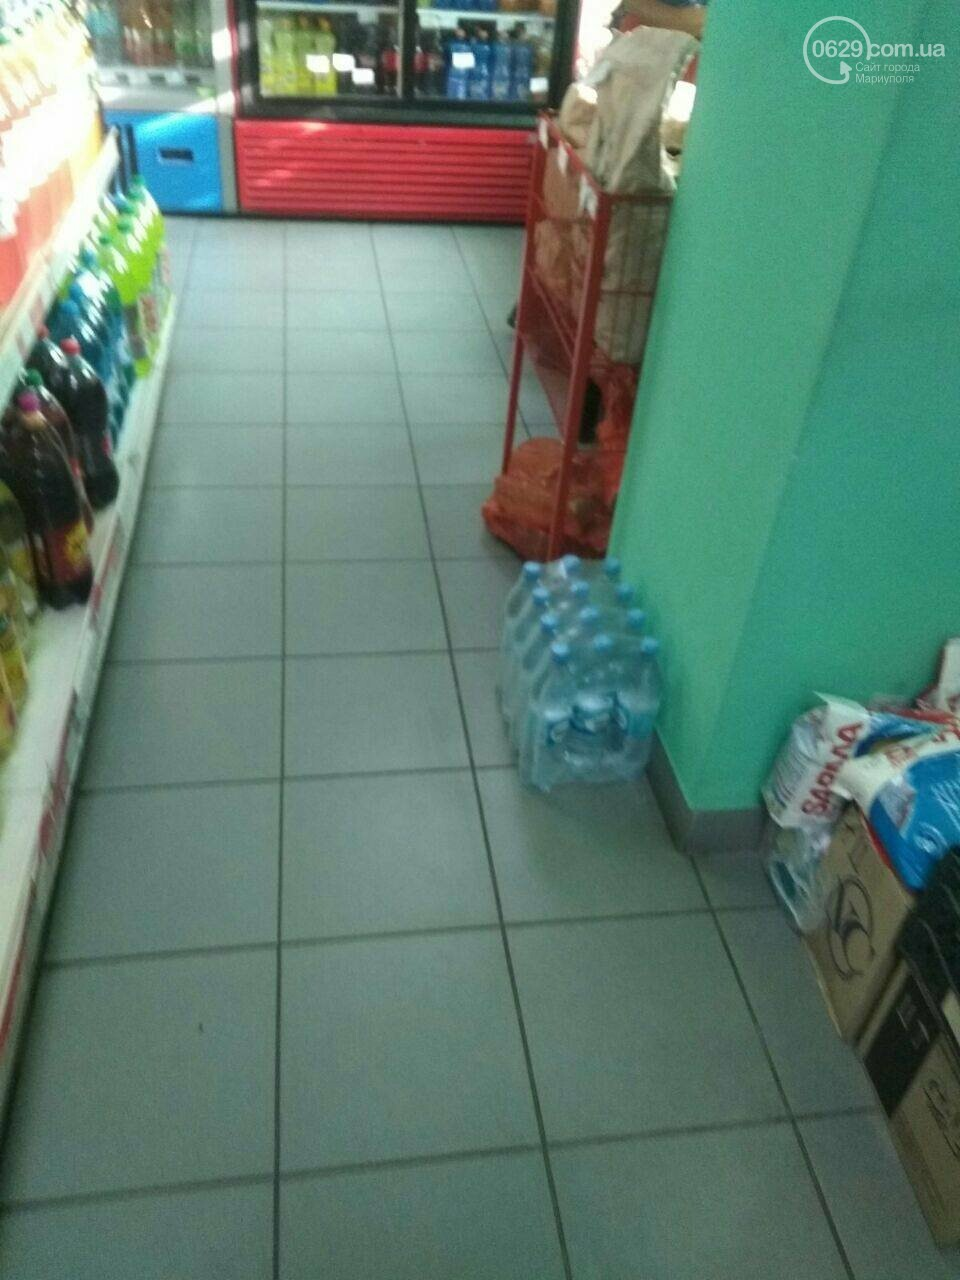 Первый независимый рейтинг мариупольских супермаркетов, фото-11